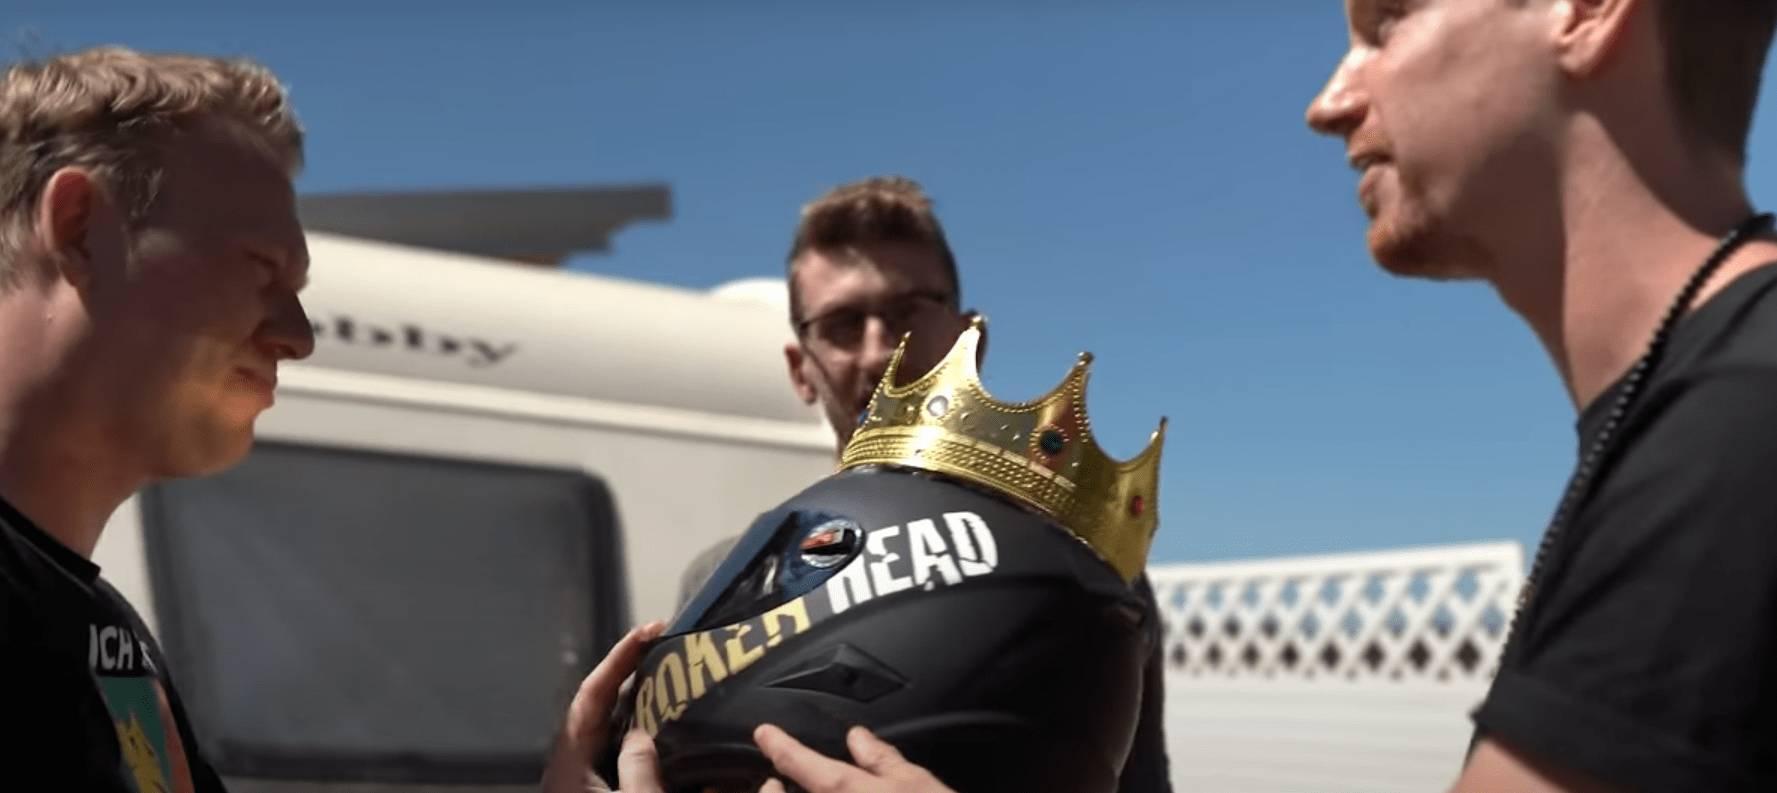 Knossi Roller Helm mit Krone